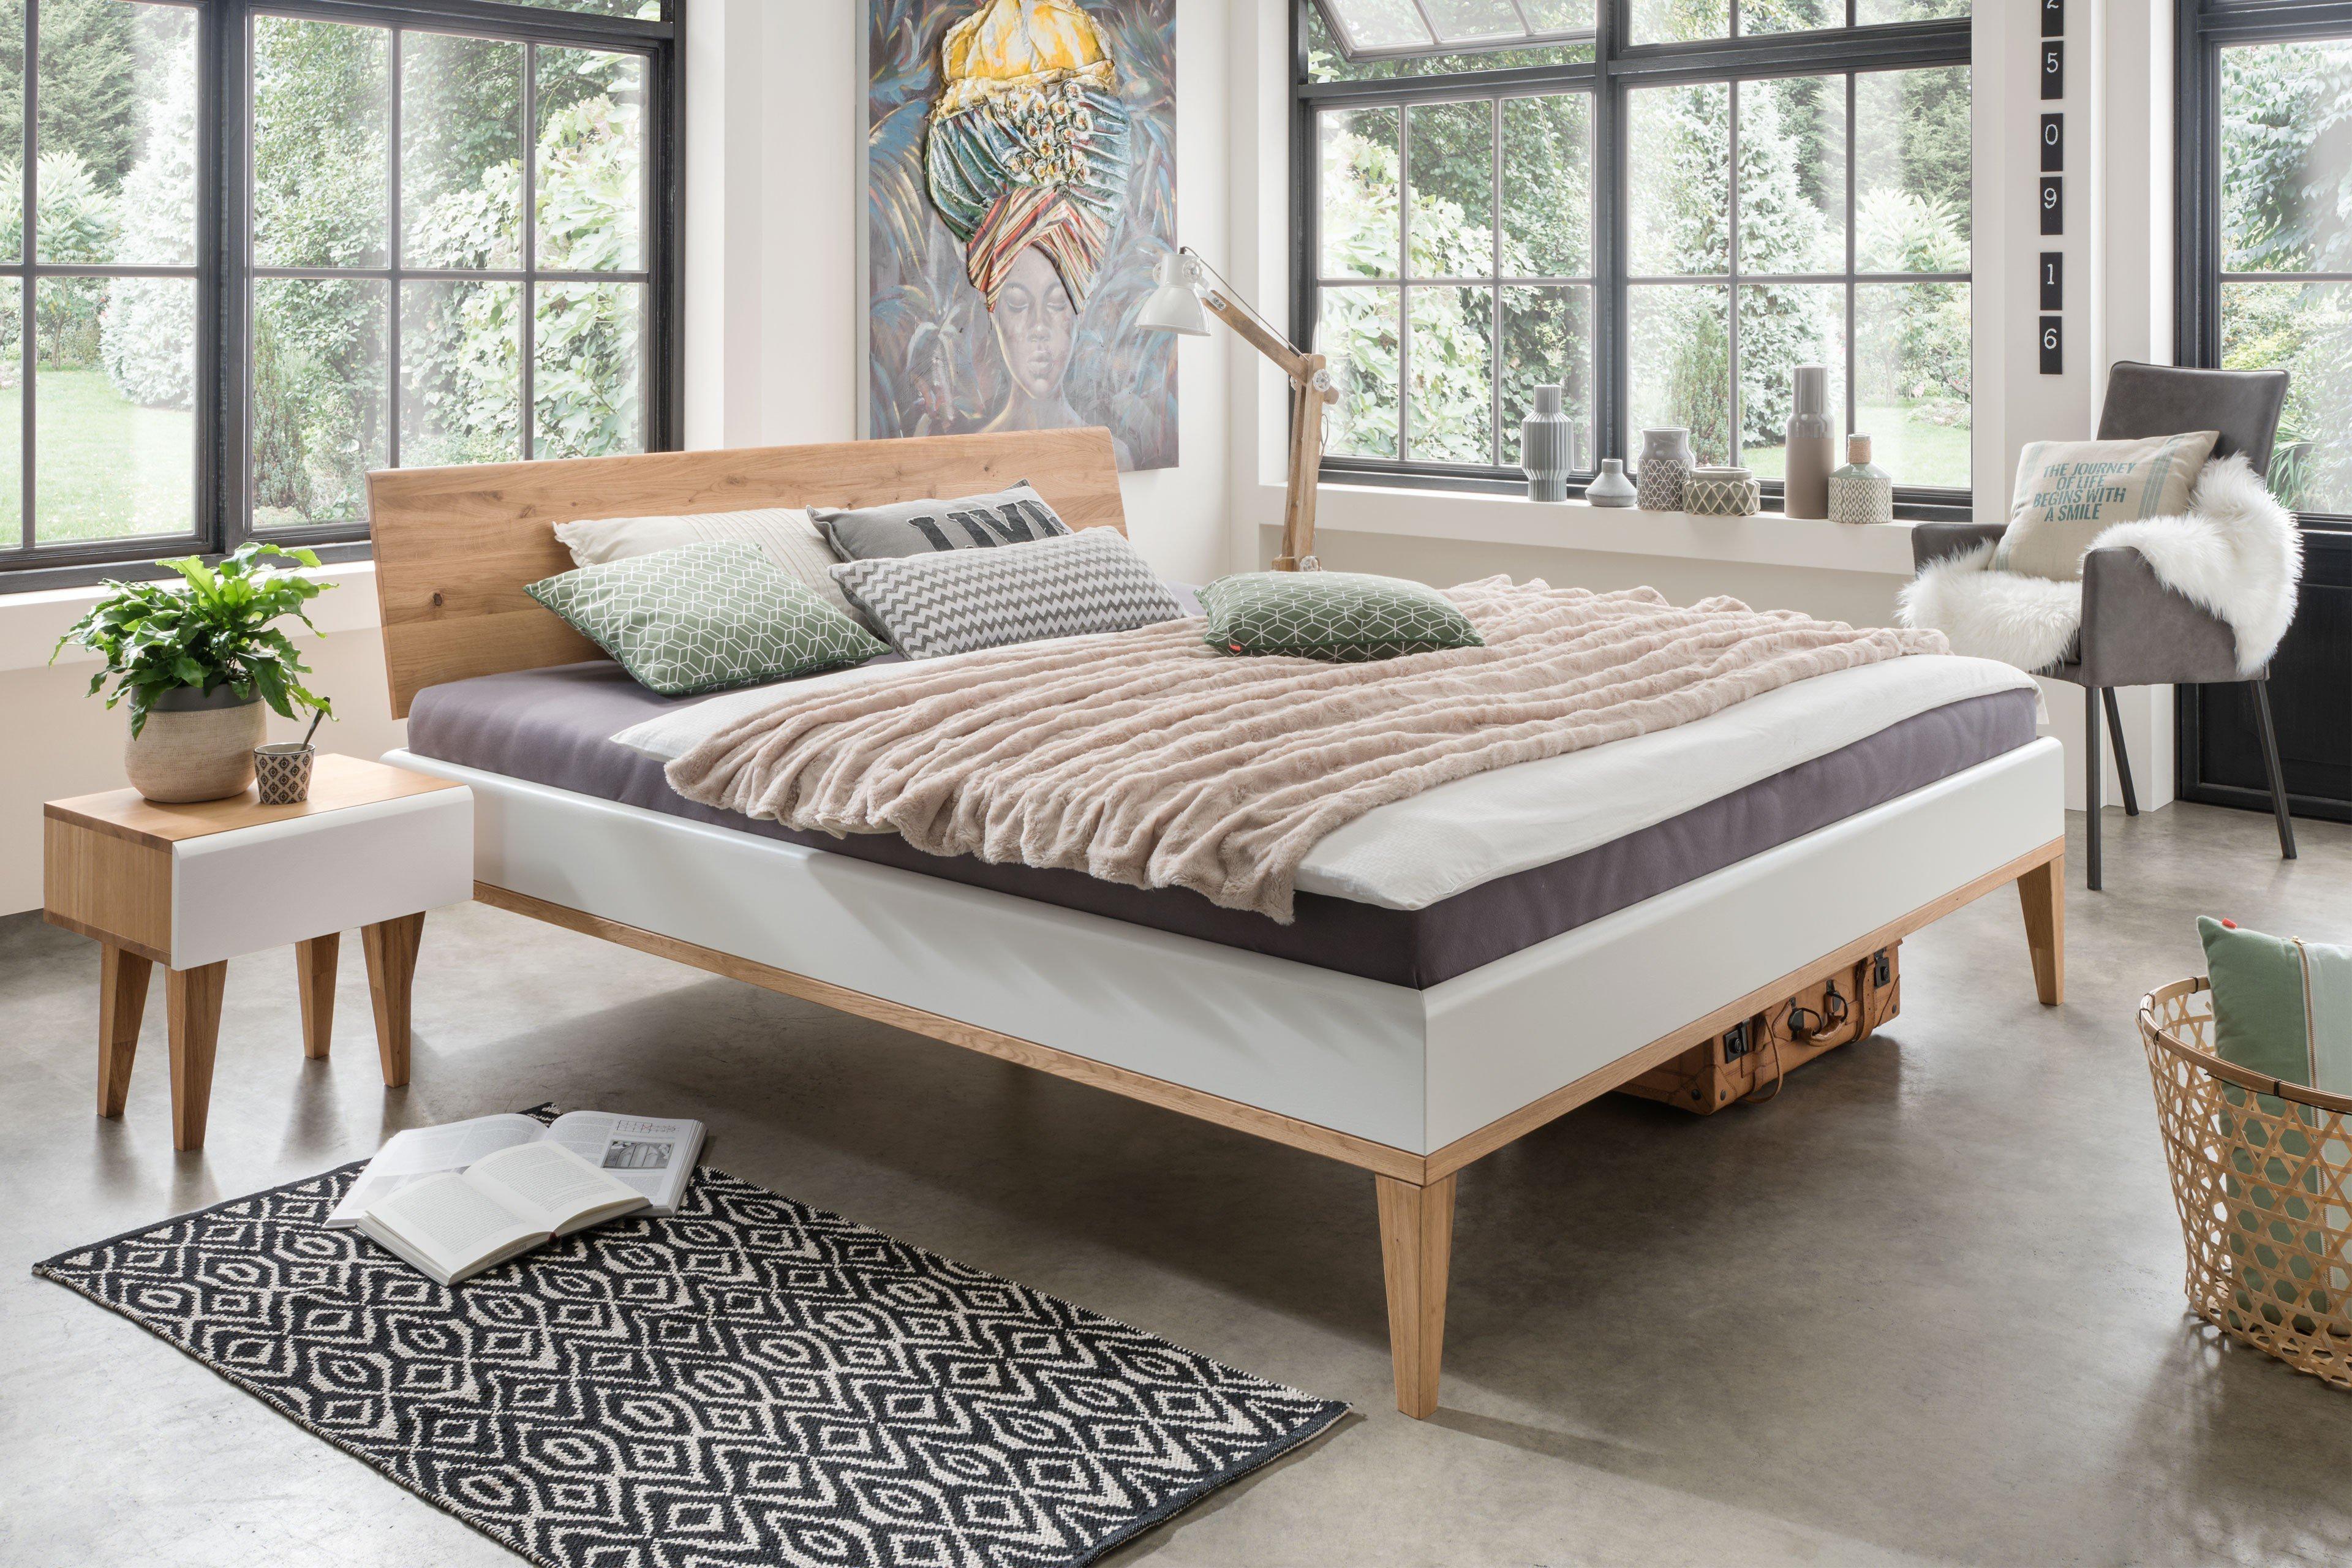 m&h Betten | Möbel Letz - Ihr Online-Shop